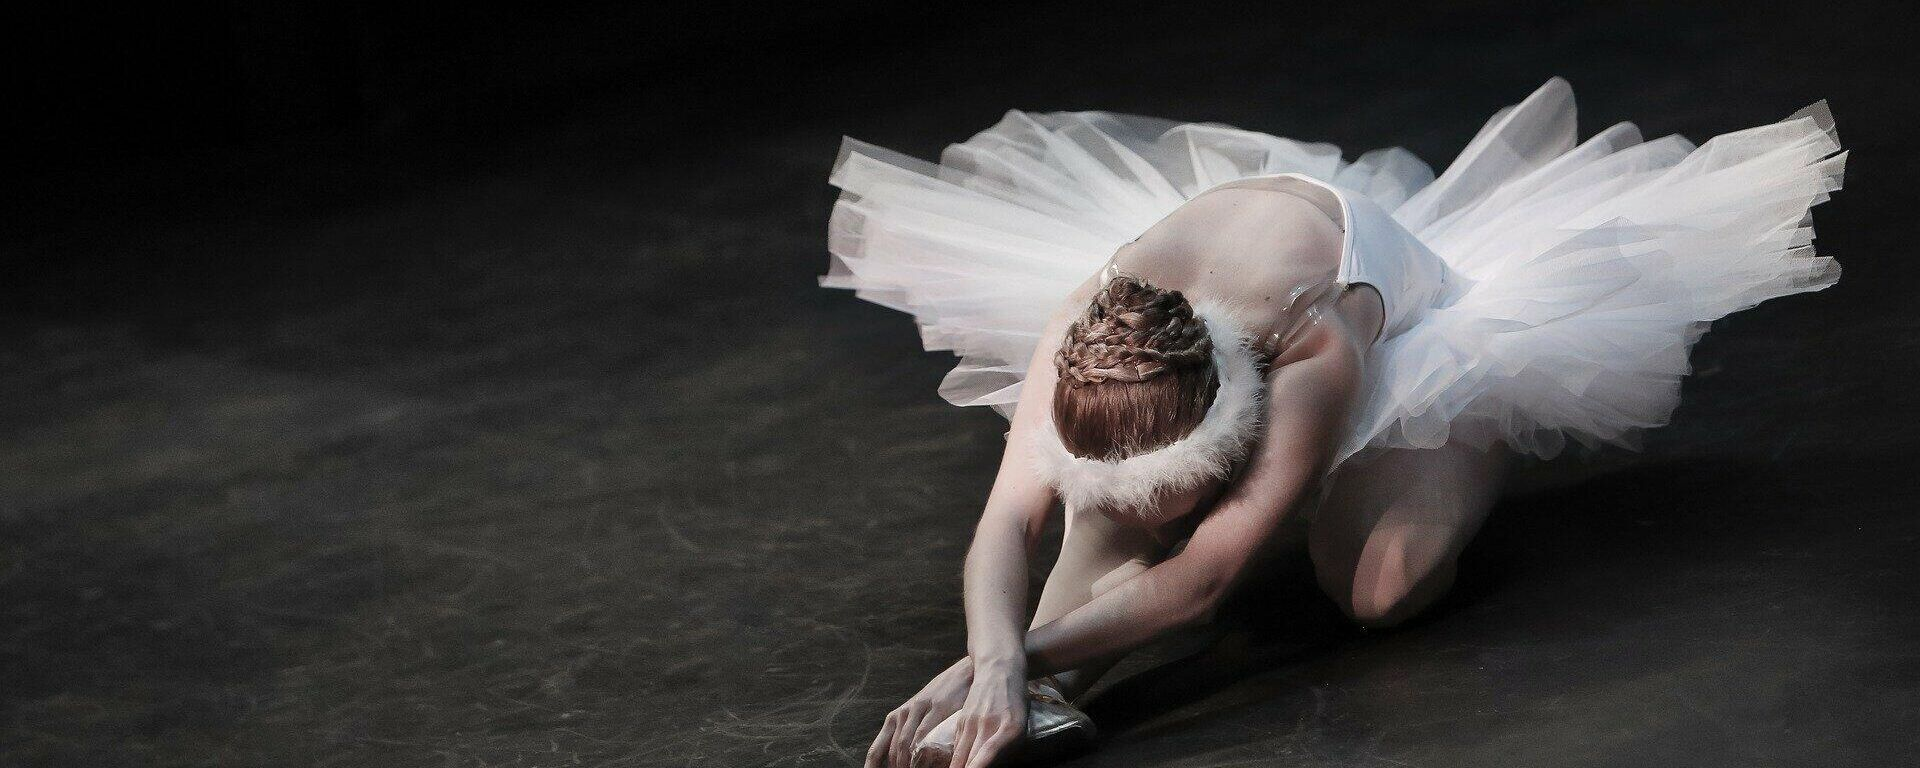 Una bailarina (imagen referenical) - Sputnik Mundo, 1920, 03.06.2021